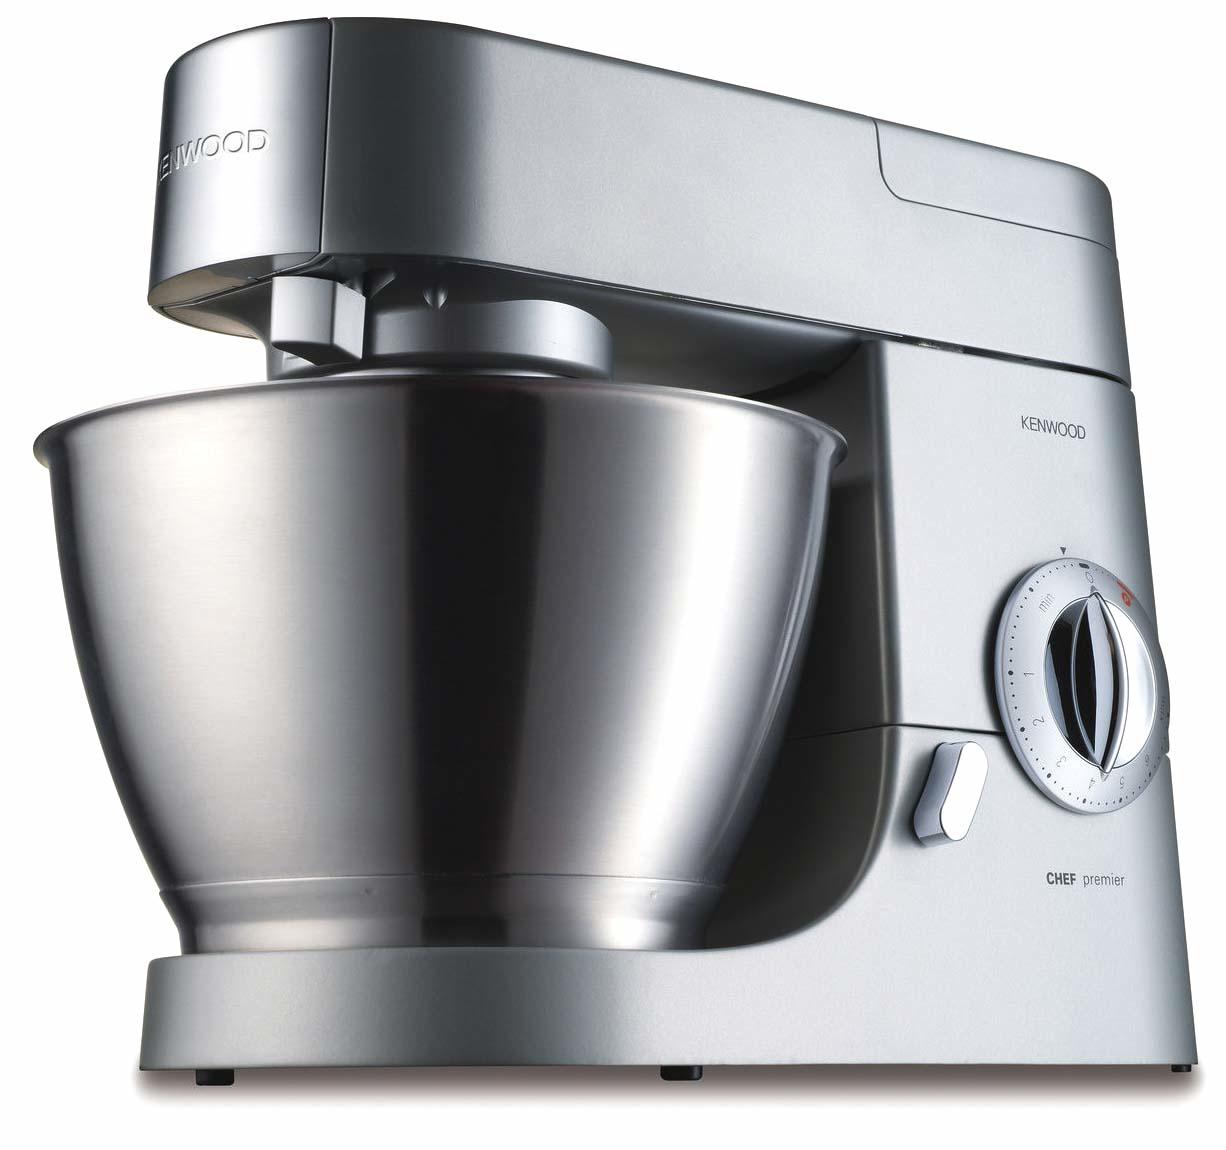 Recensione Kenwood Chef Premier KMC570 – Opinioni Robot da ...